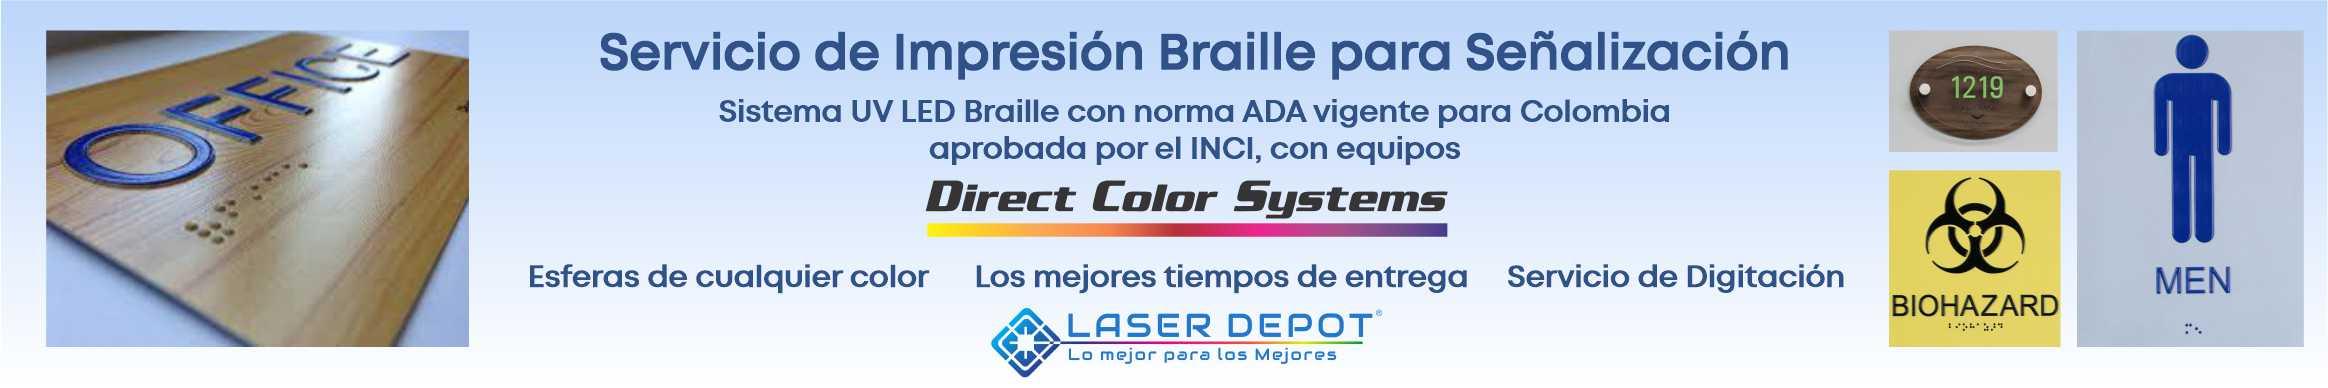 Servicio Señalizacion Braille